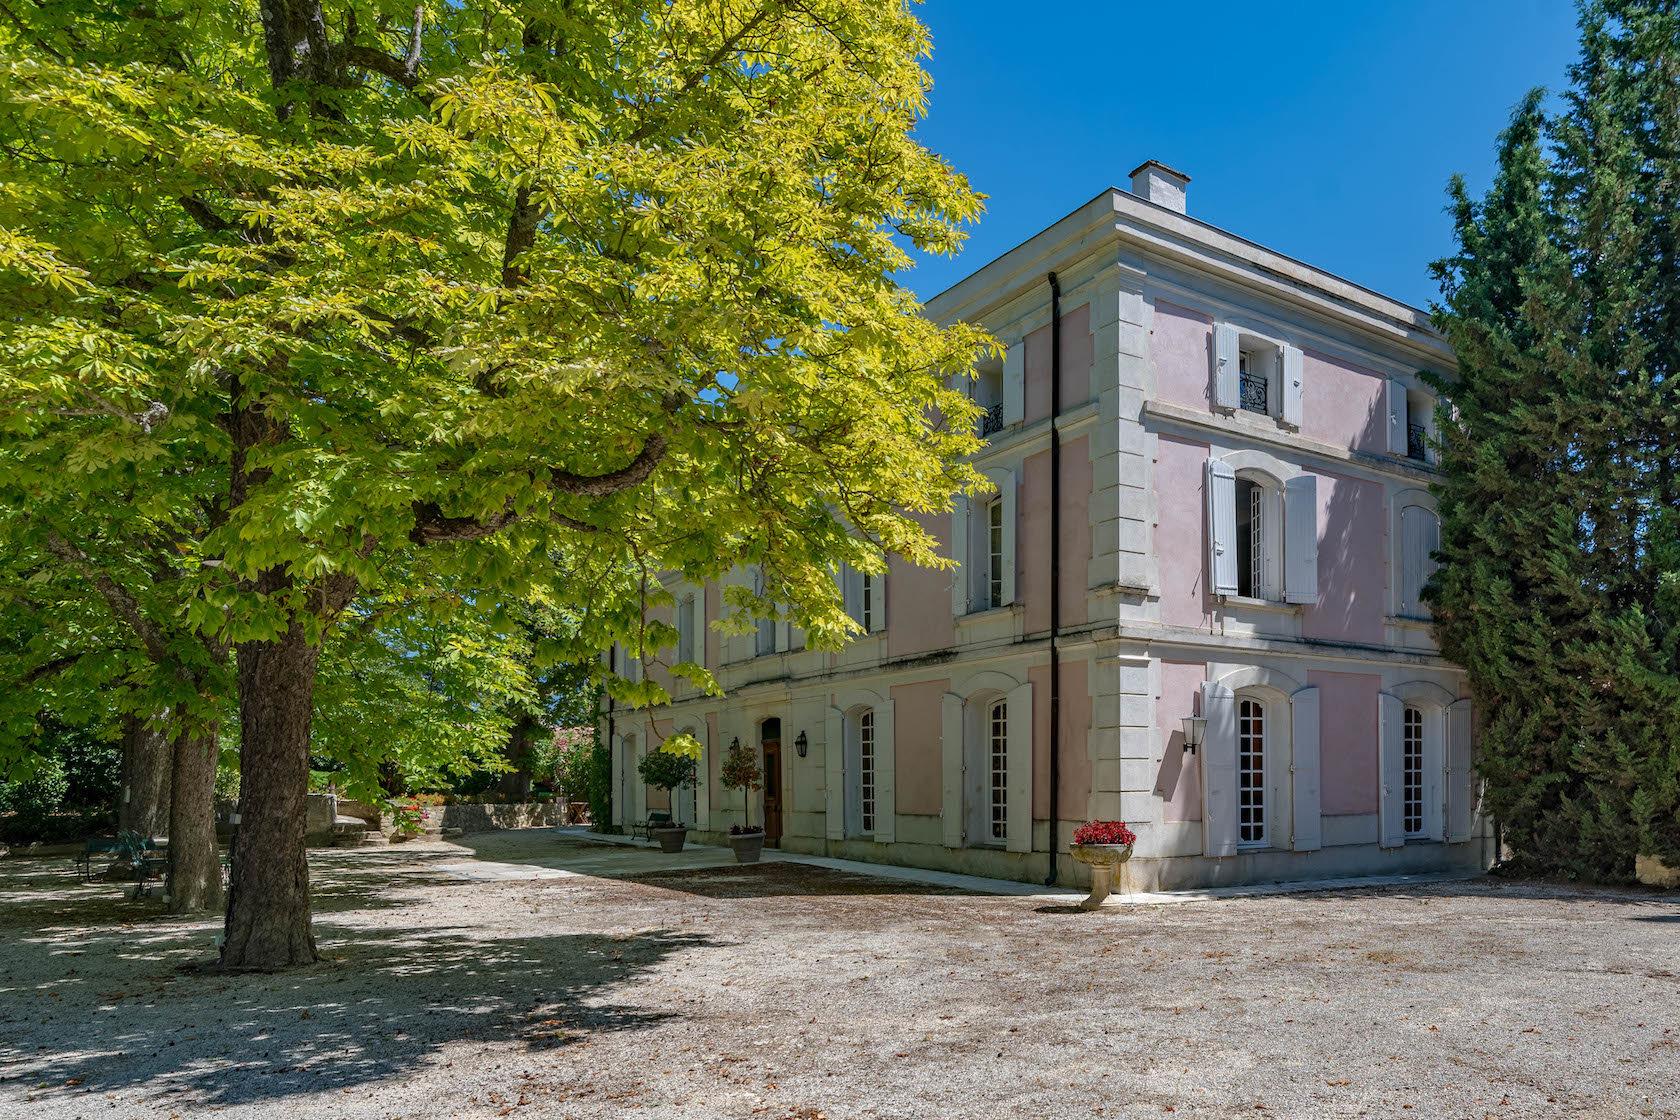 Villas for Sale - A2780354